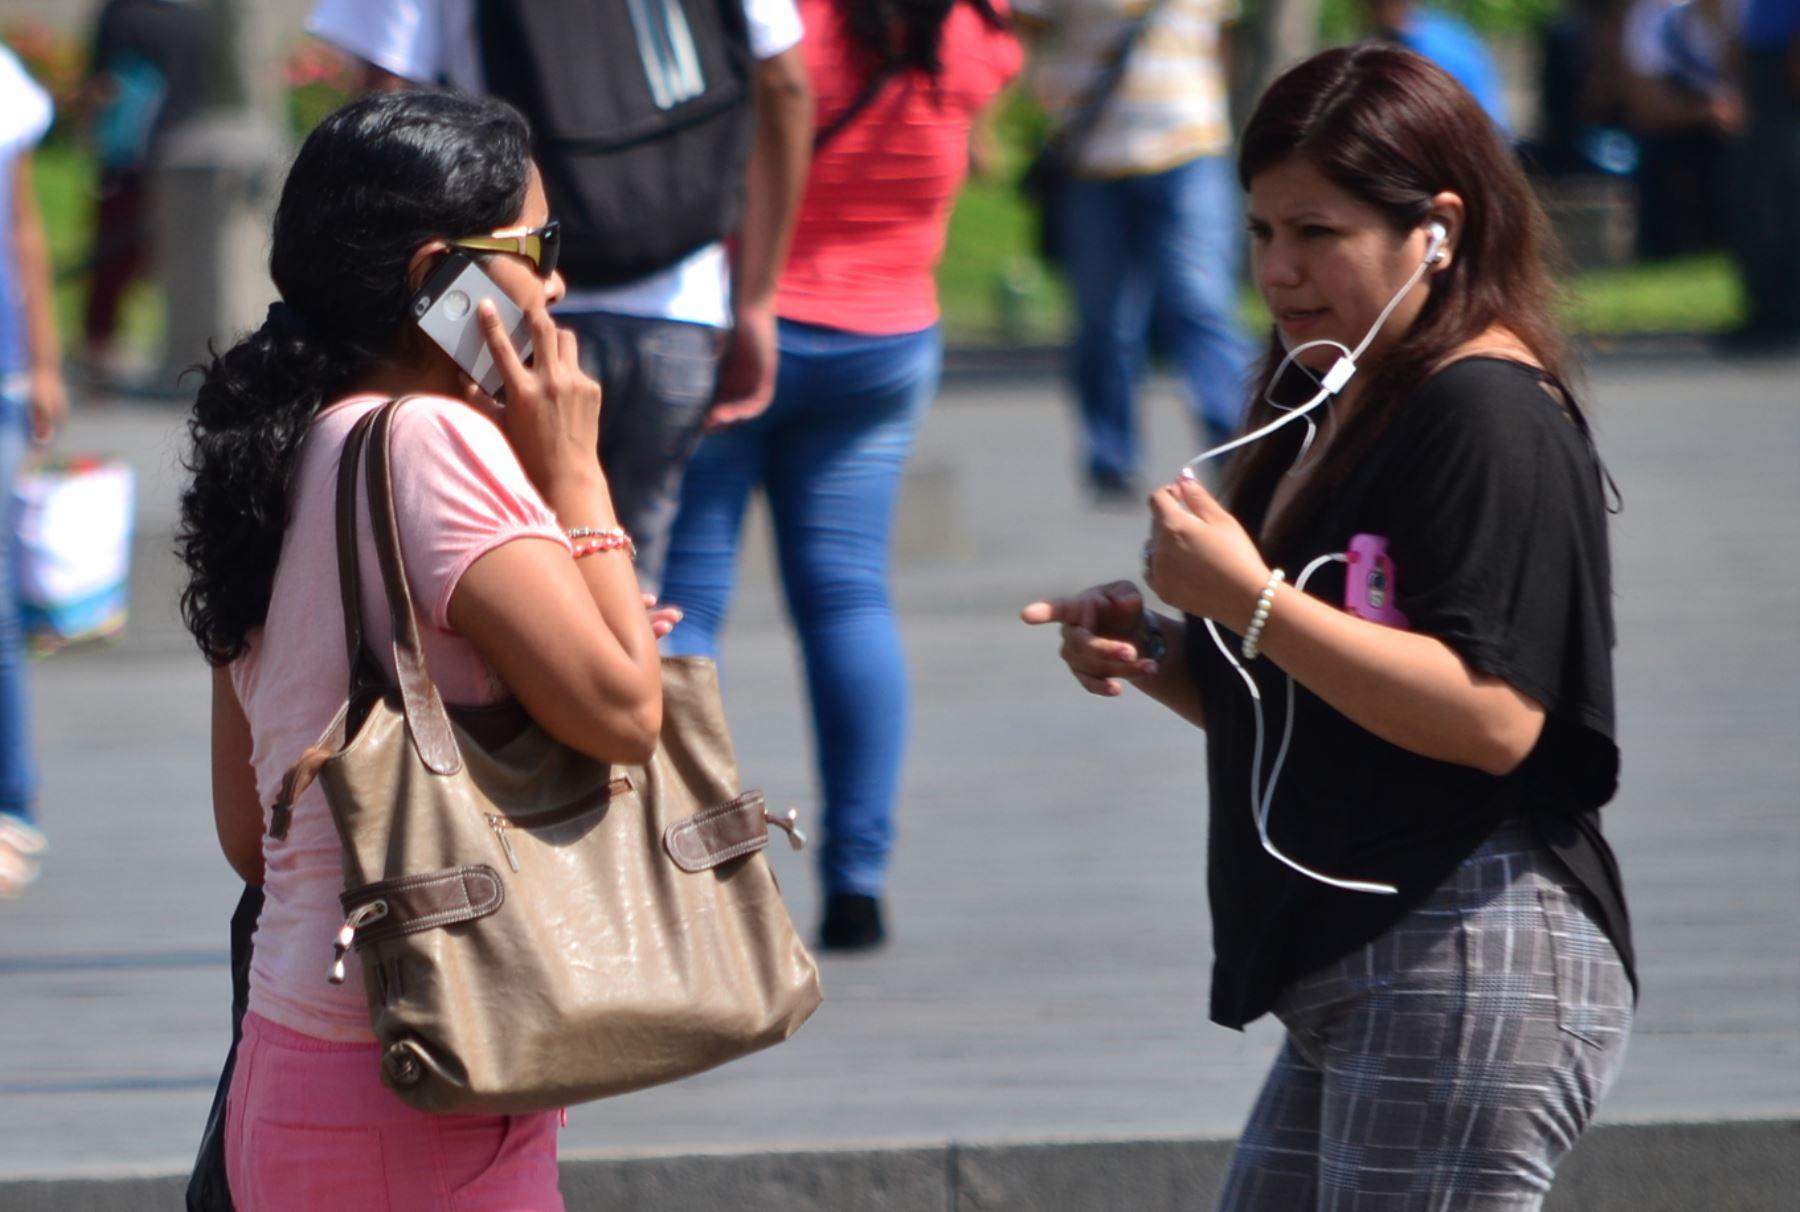 Se dinamiza mercado de telefonía móvil en el PerúFoto:  ANDINA.